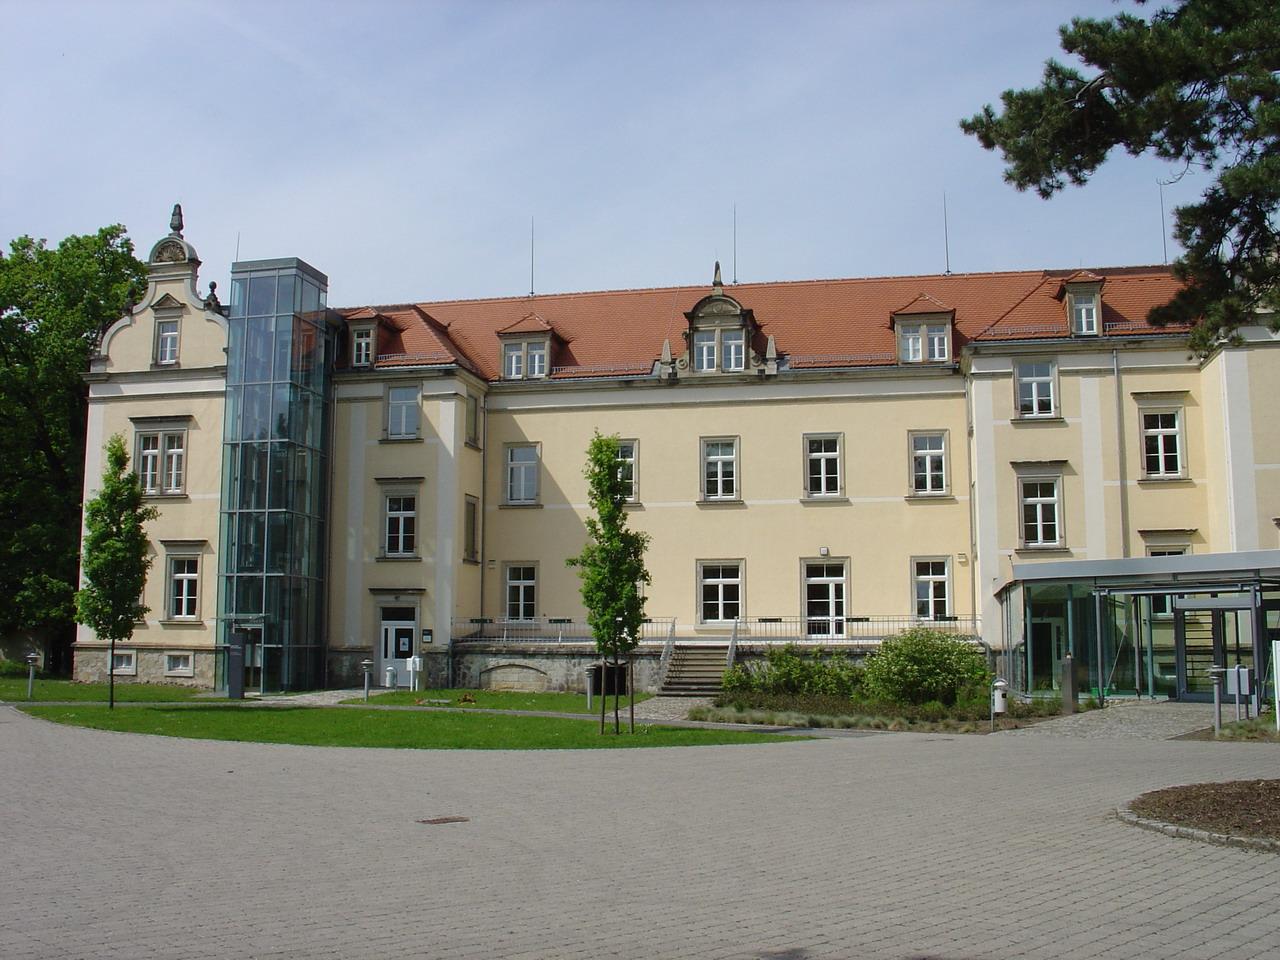 Schloss Sonnenstein. Här genomfördes Aktion T4, ett eutanasiprogram